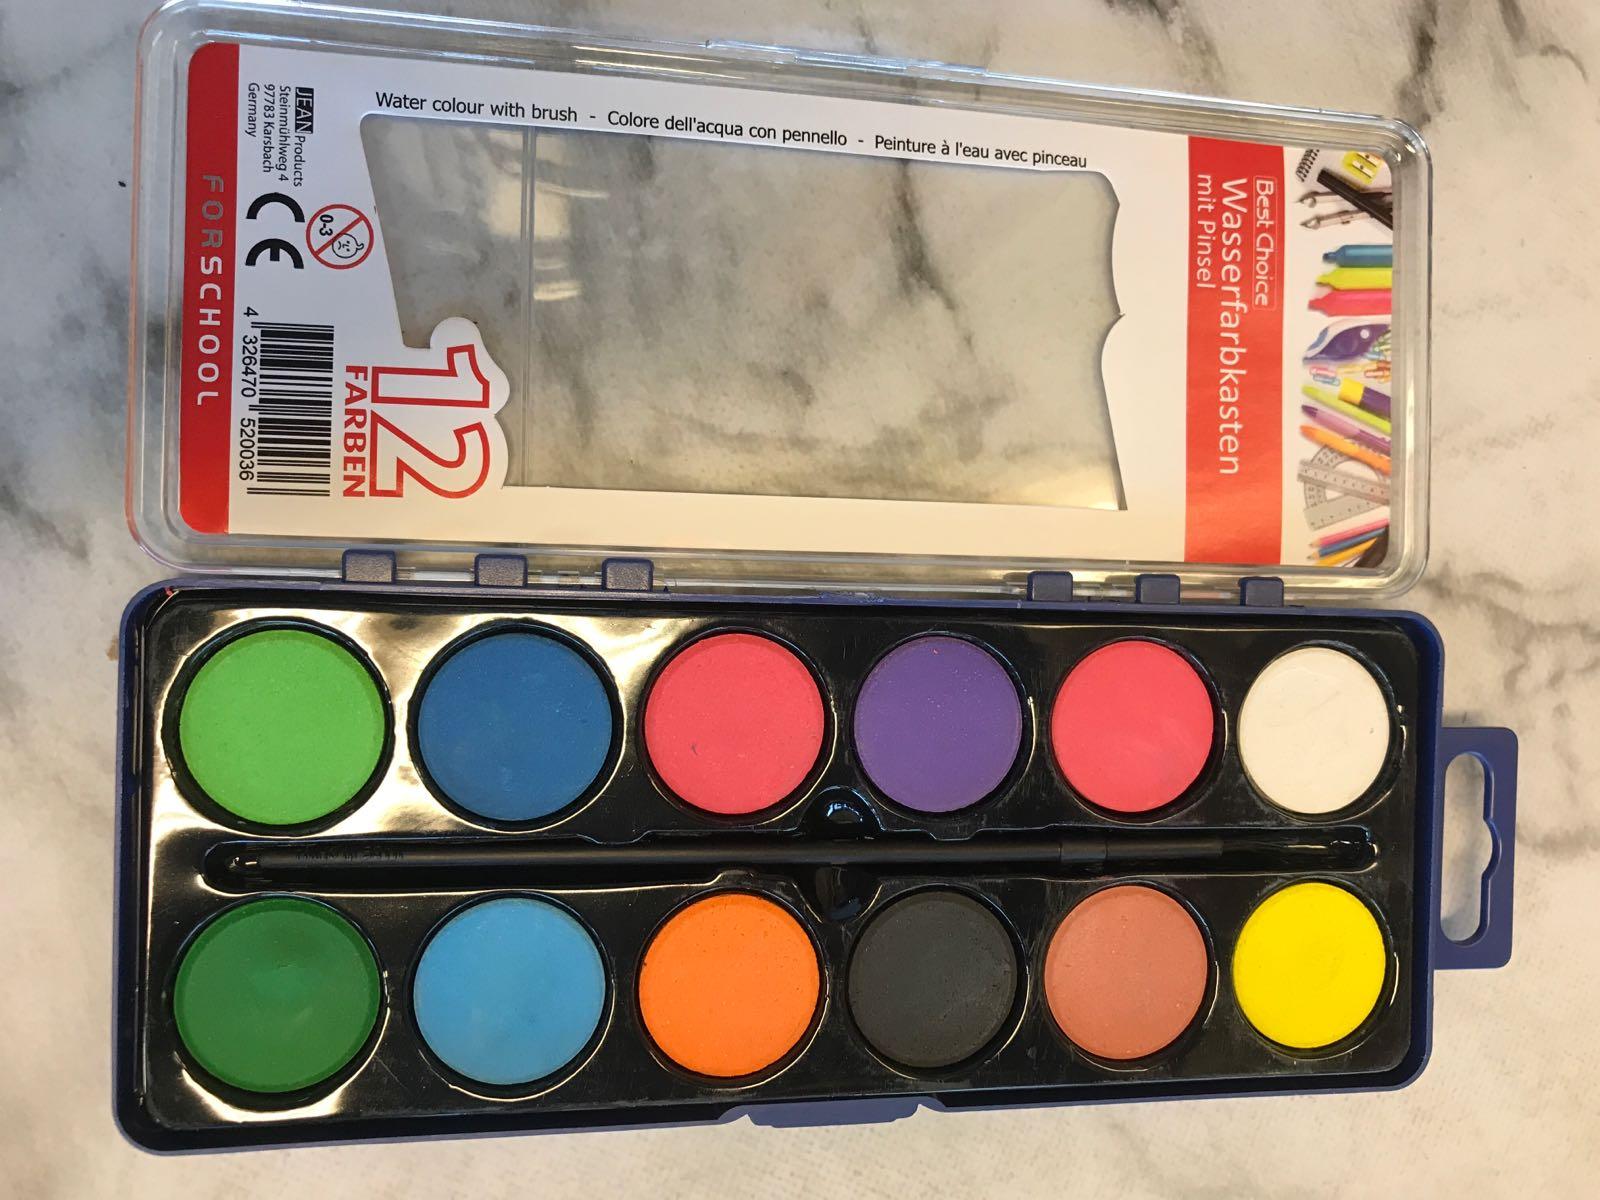 Vattenfärgslåda - 12 färger med pensel